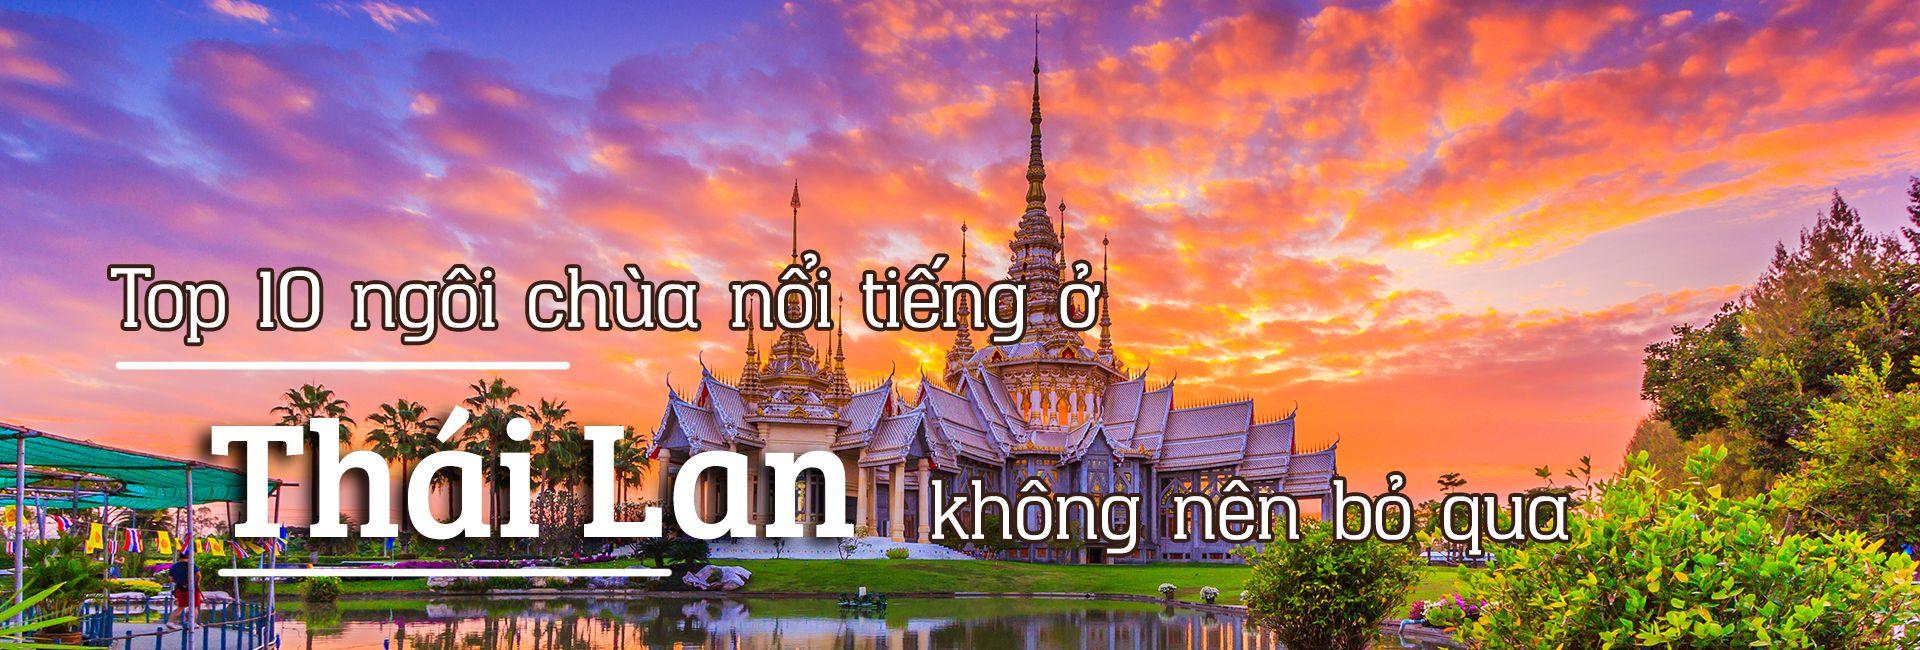 Top 10 ngôi chùa nổi tiếng ở Thái Lan không nên bỏ qua